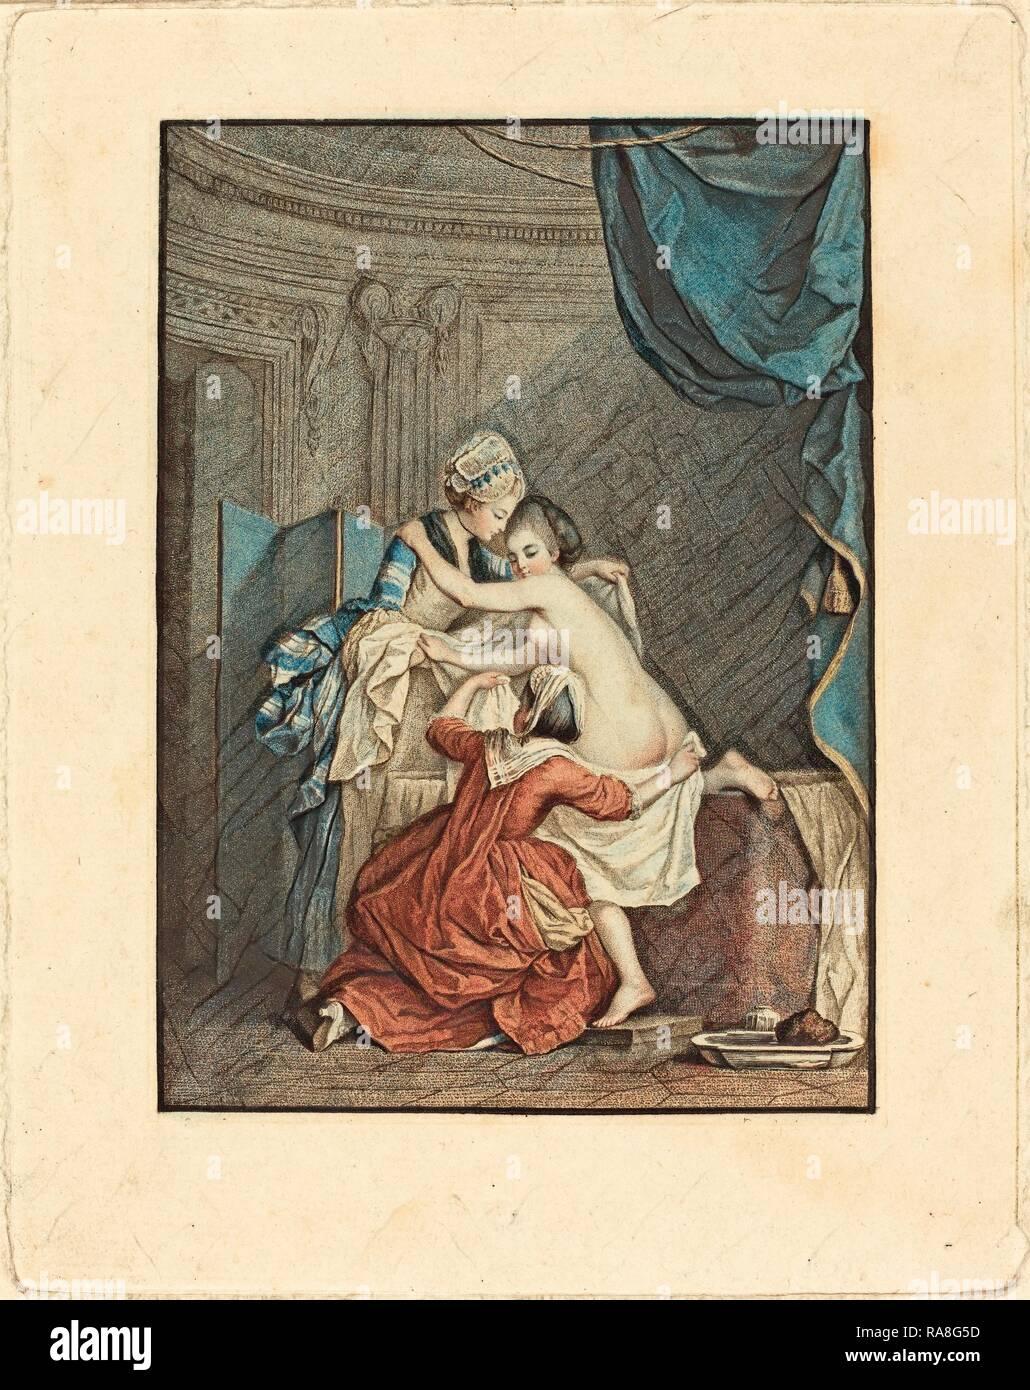 Nicolas Francois Regnault after Pierre-Antoine Baudouin (French, 1746 - c. 1810), Le bain (The Bath), color stipple reimagined Stock Photo